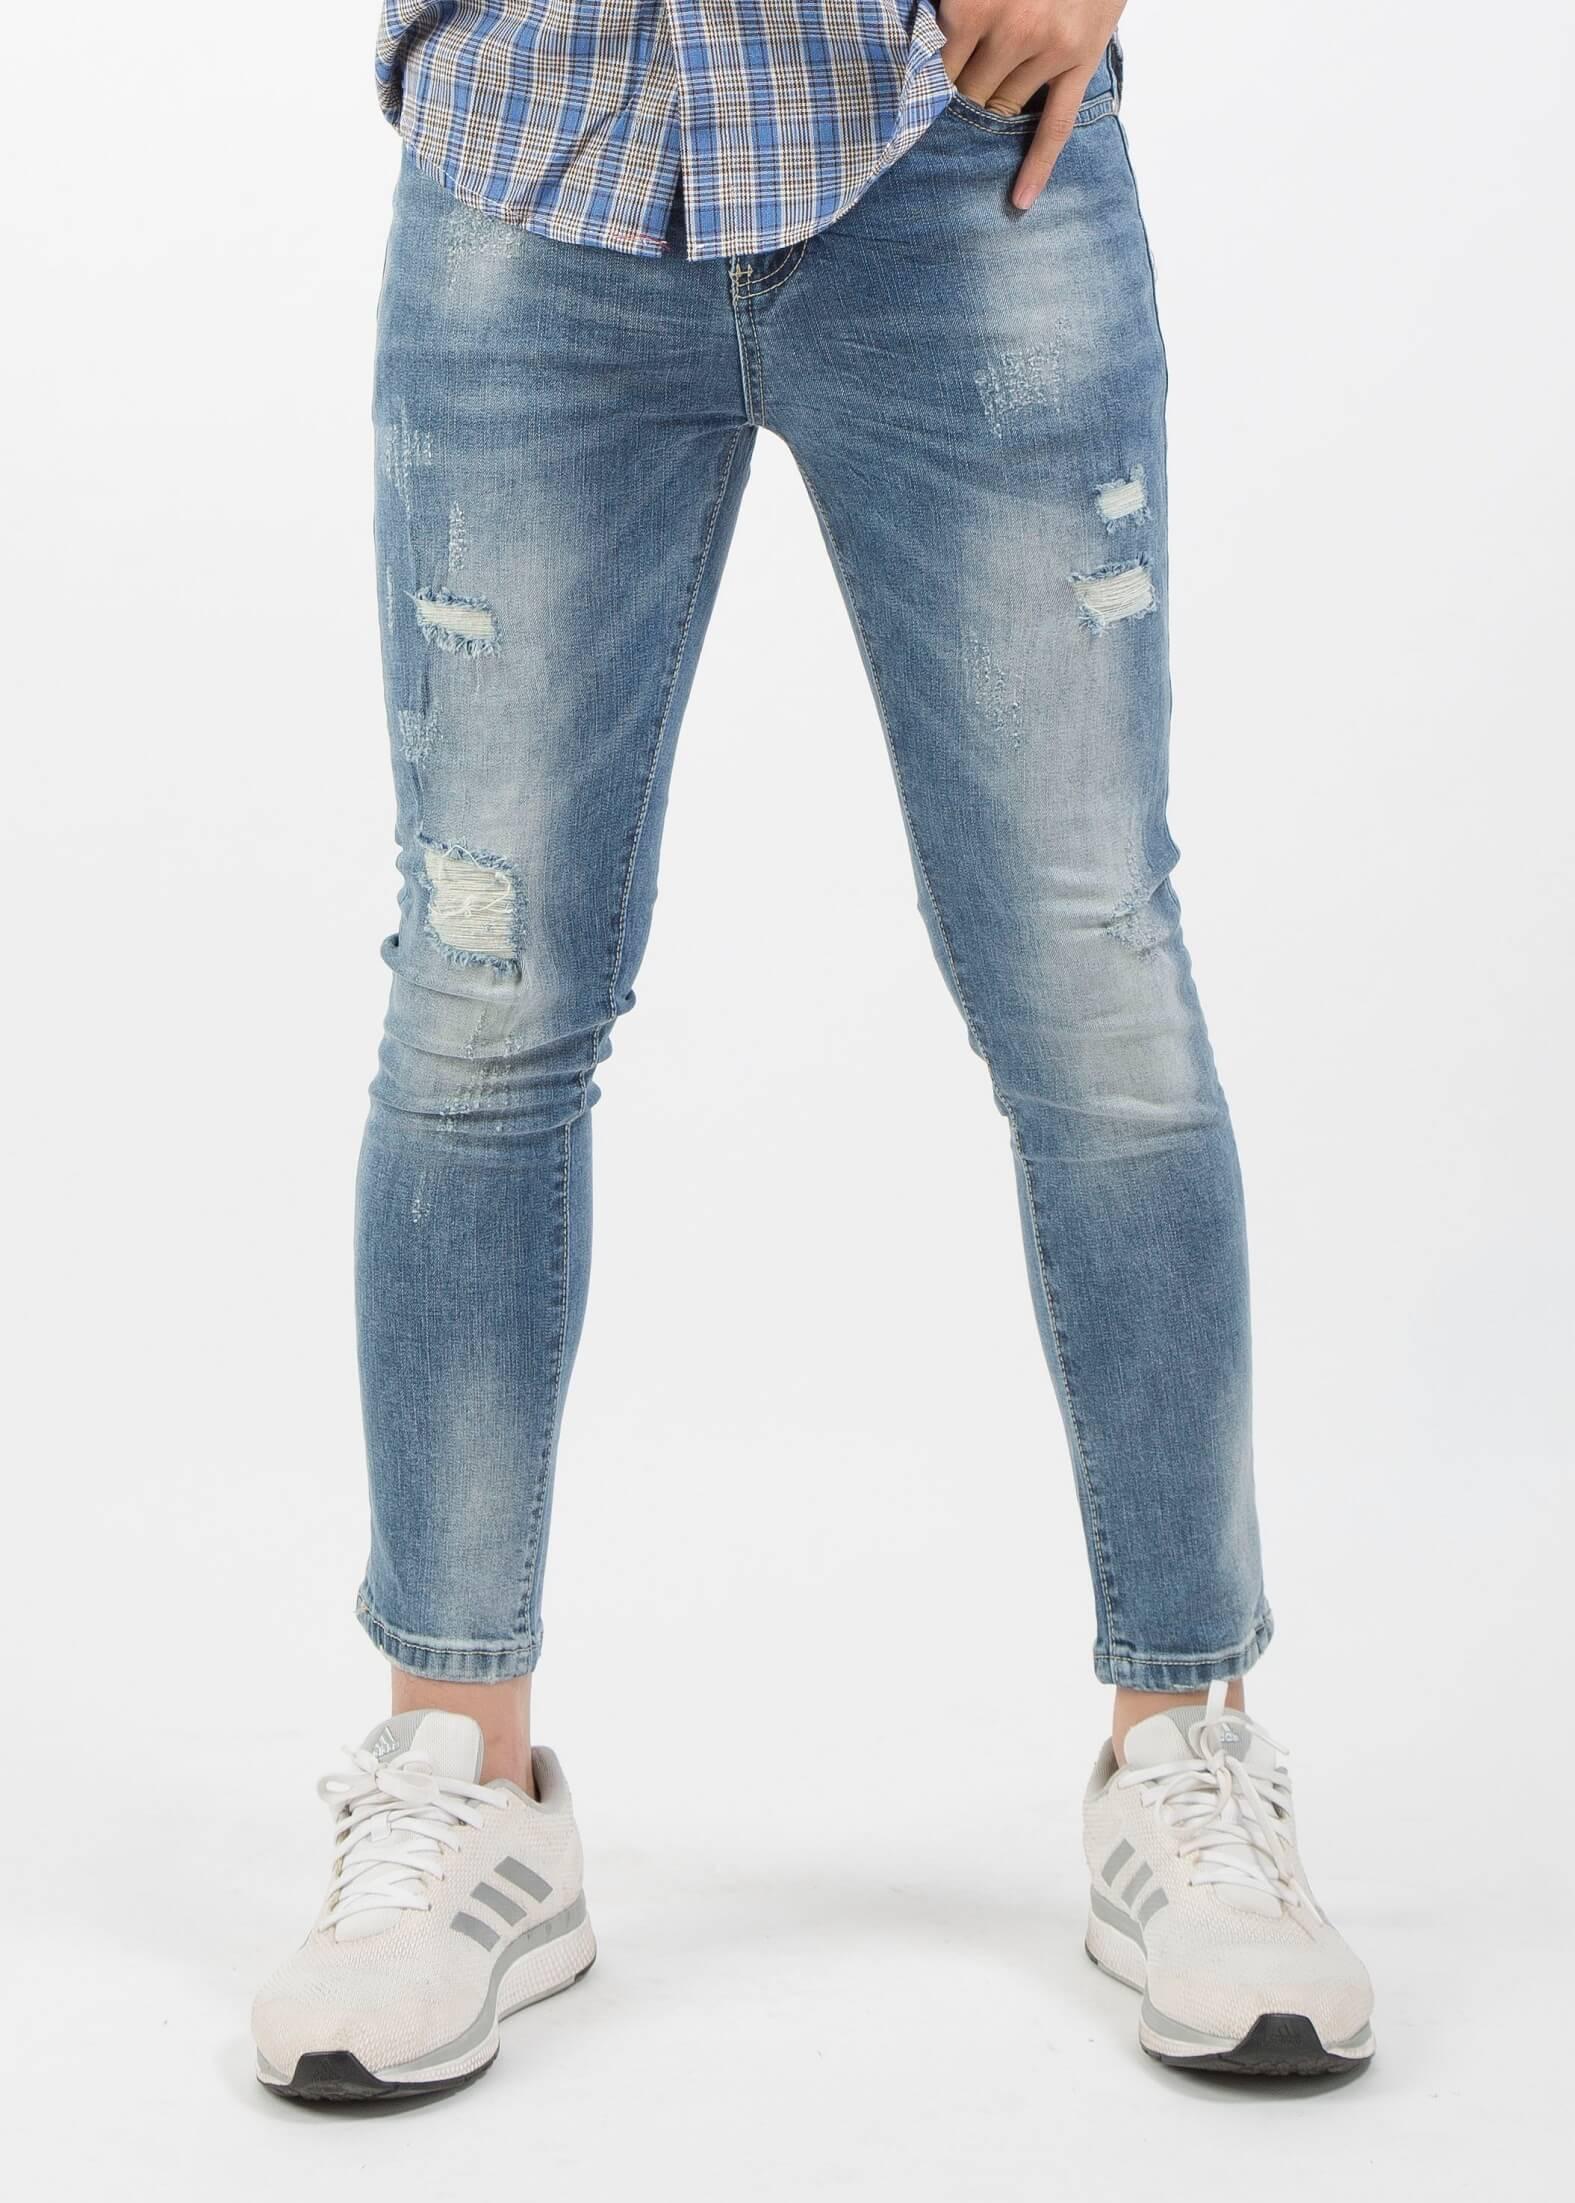 Kiểu quần jean skinny rách nhẹ, với đặc điểm bó sát chân người mặc